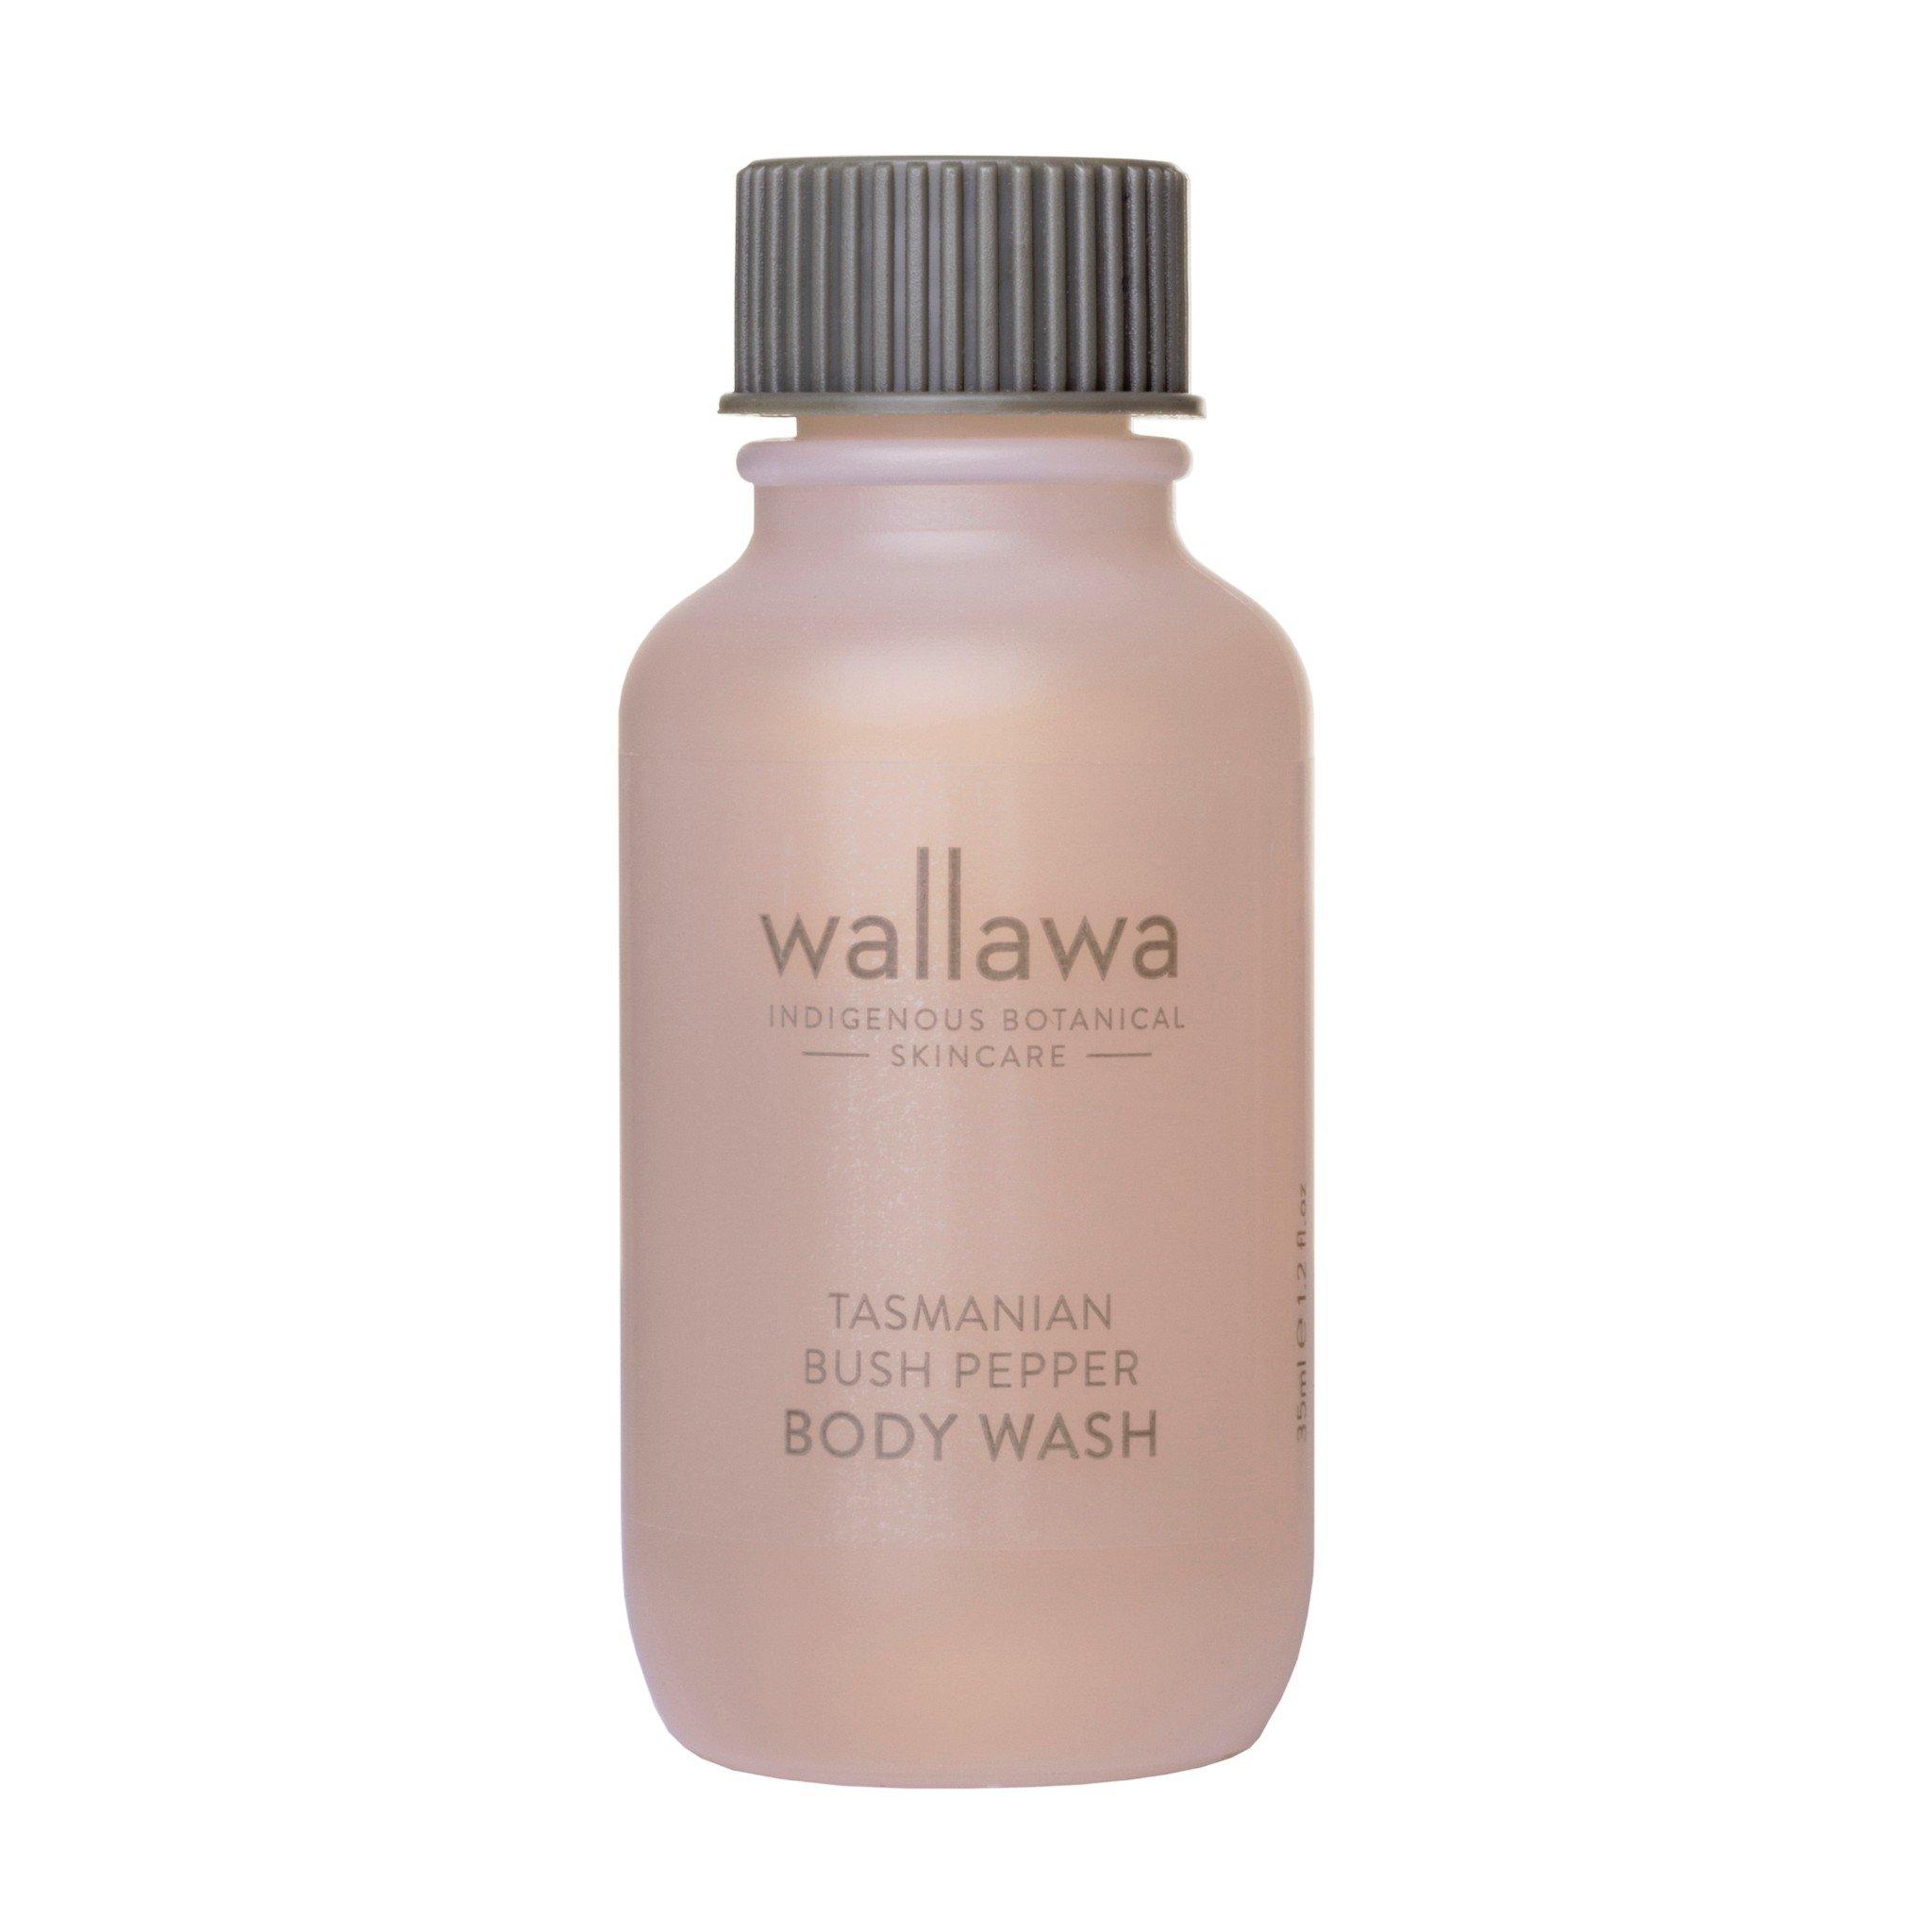 Wallawa Body Wash